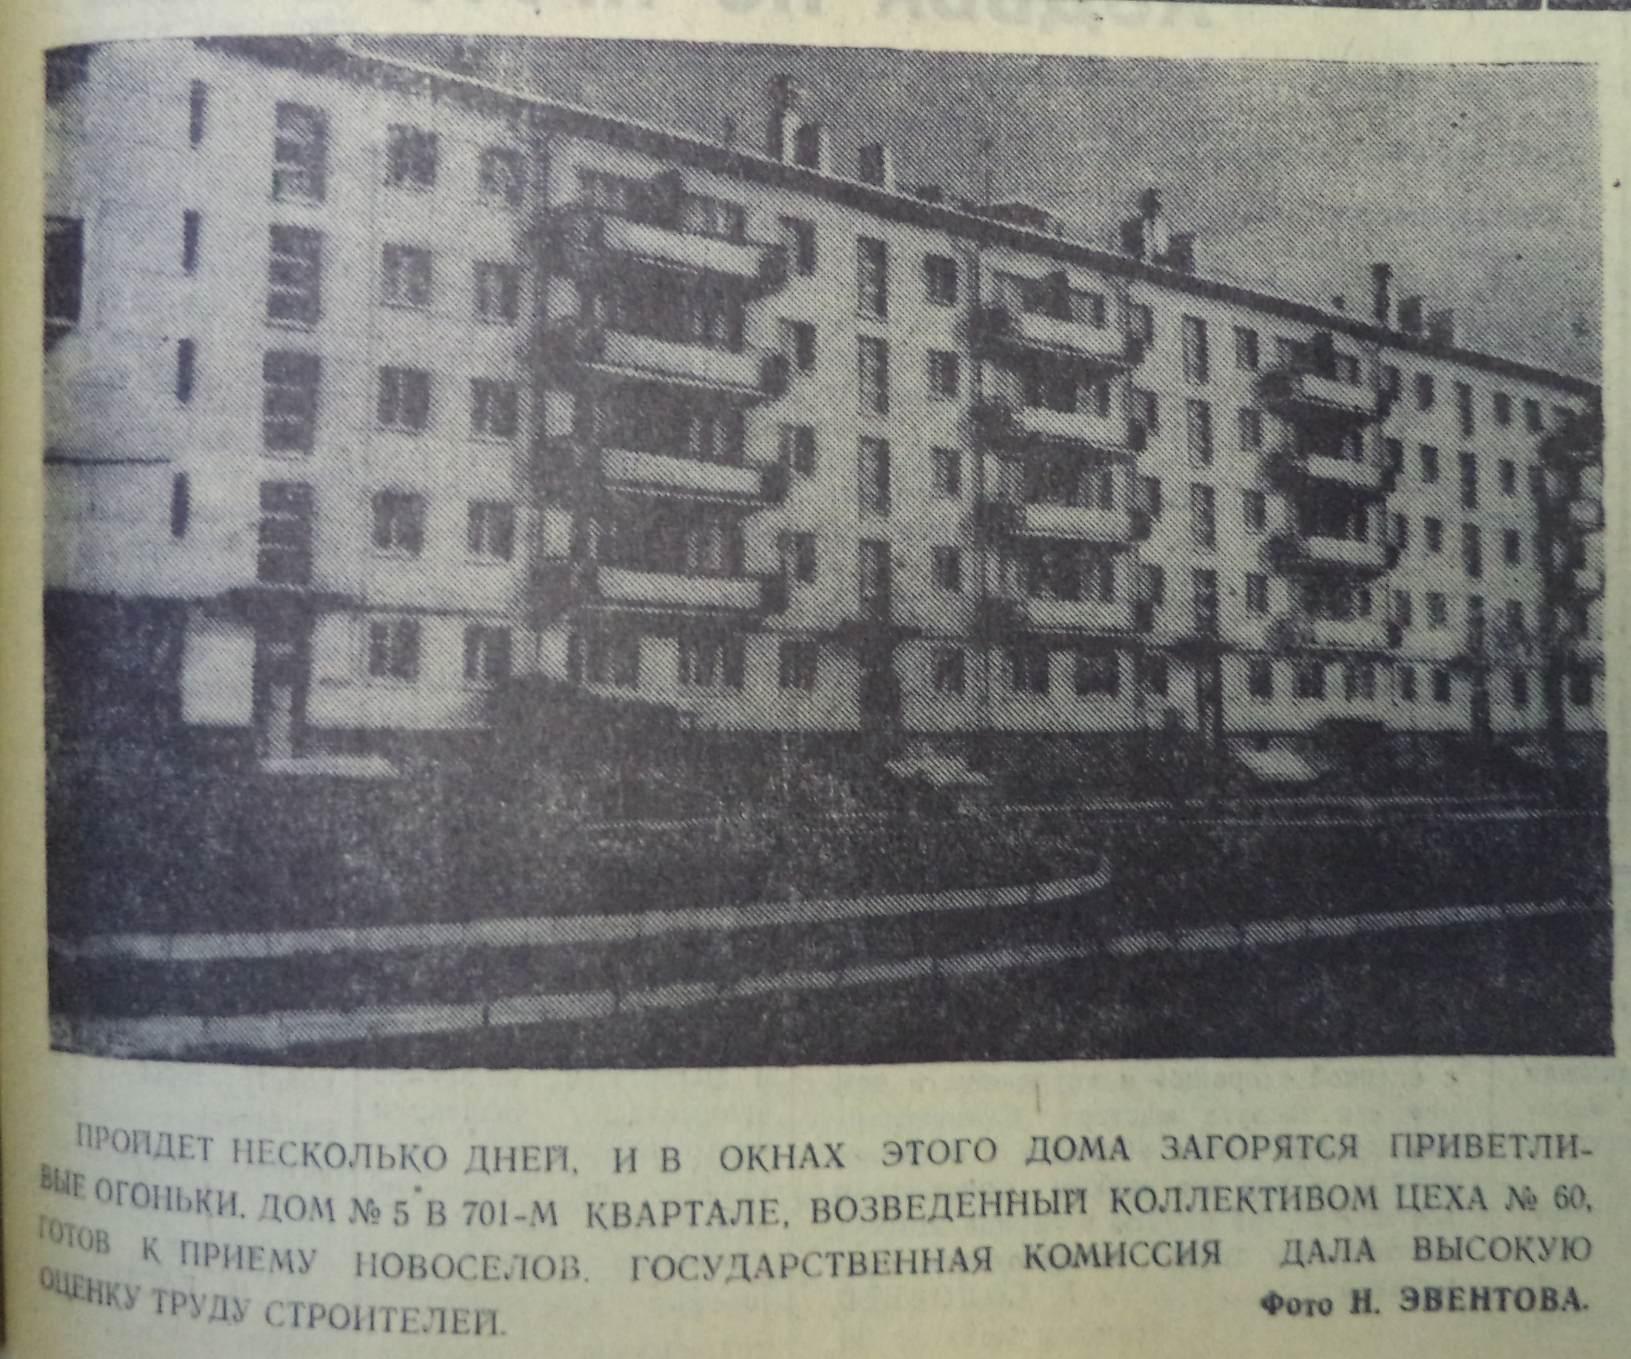 Ставропольская-ФОТО-59-Заводская жизнь-1970-11 августа-min